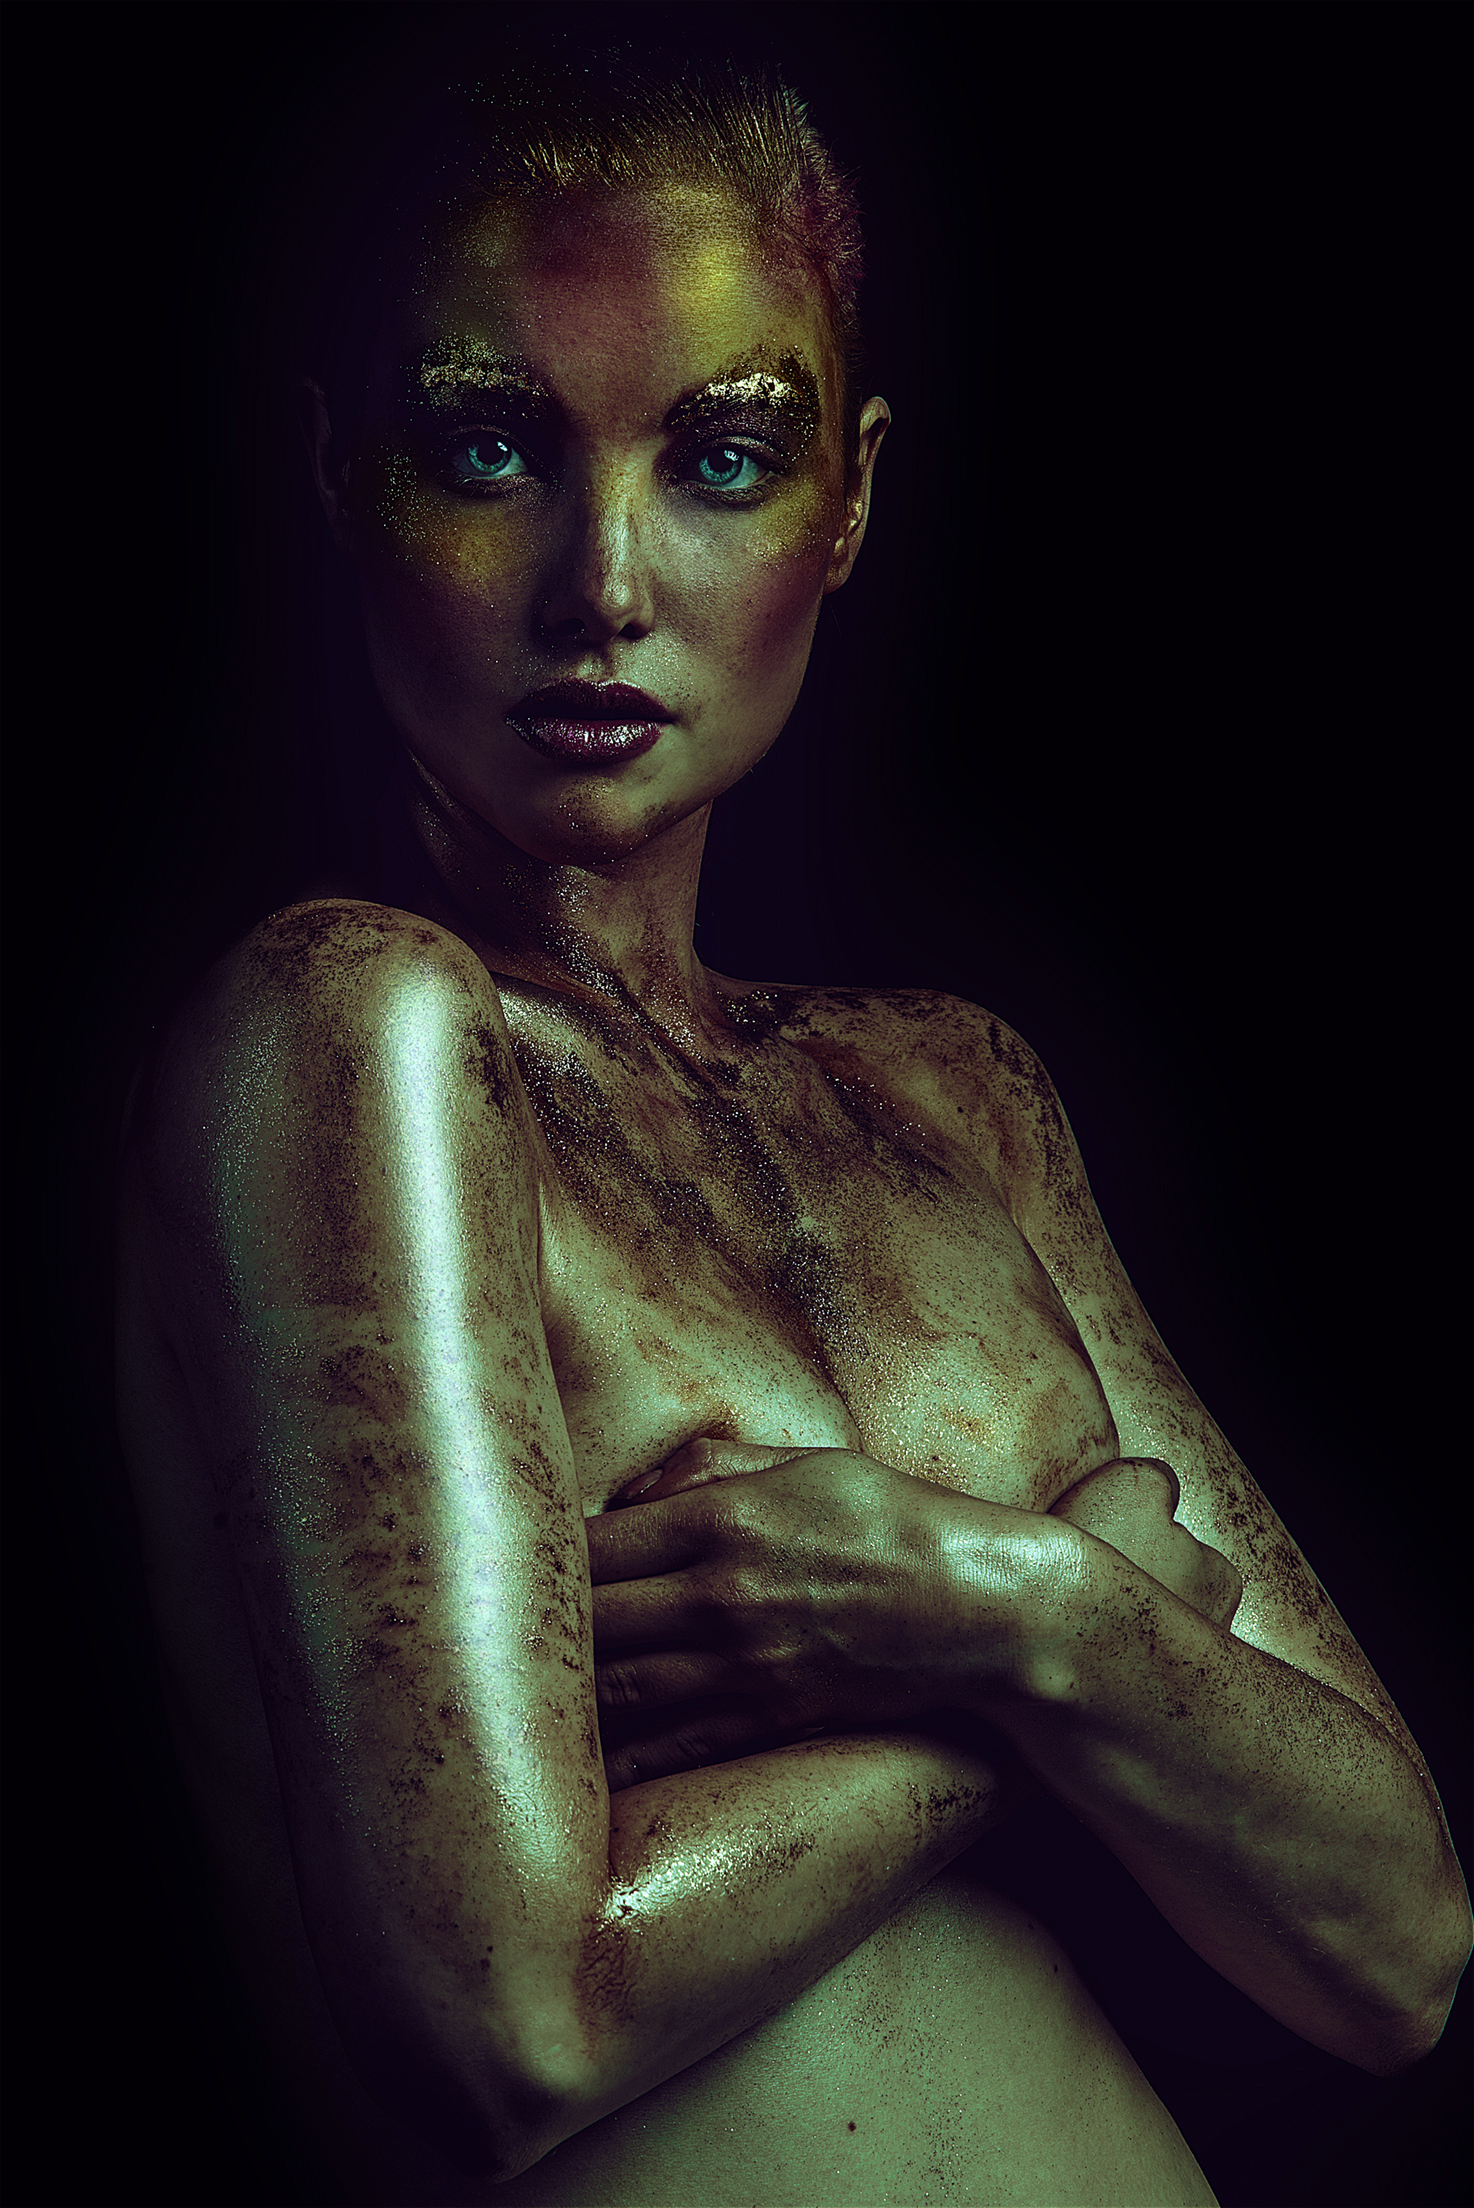 Dav Anmed (davanmed.com ig davanmed) - April Slough @ Wilhelmina - makeup Cachis.arredondo - retoucher Felix Lemon (Lemon-touch)